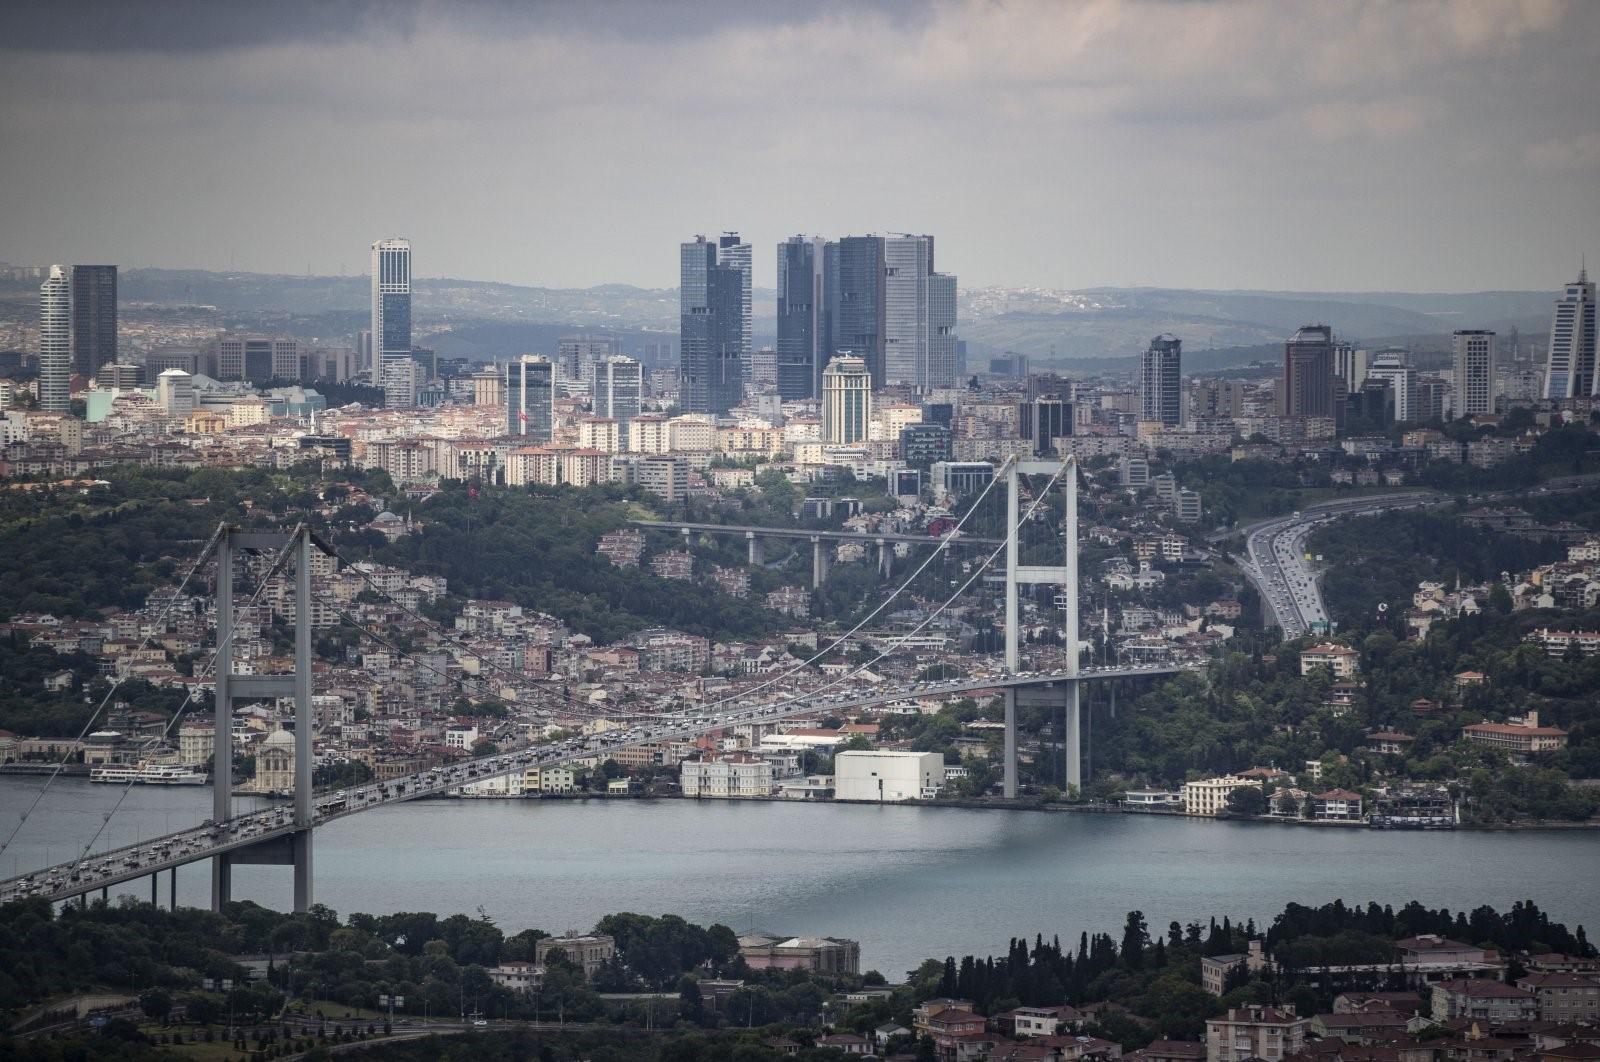 bất động sản ở Thổ Nhĩ Kỳ